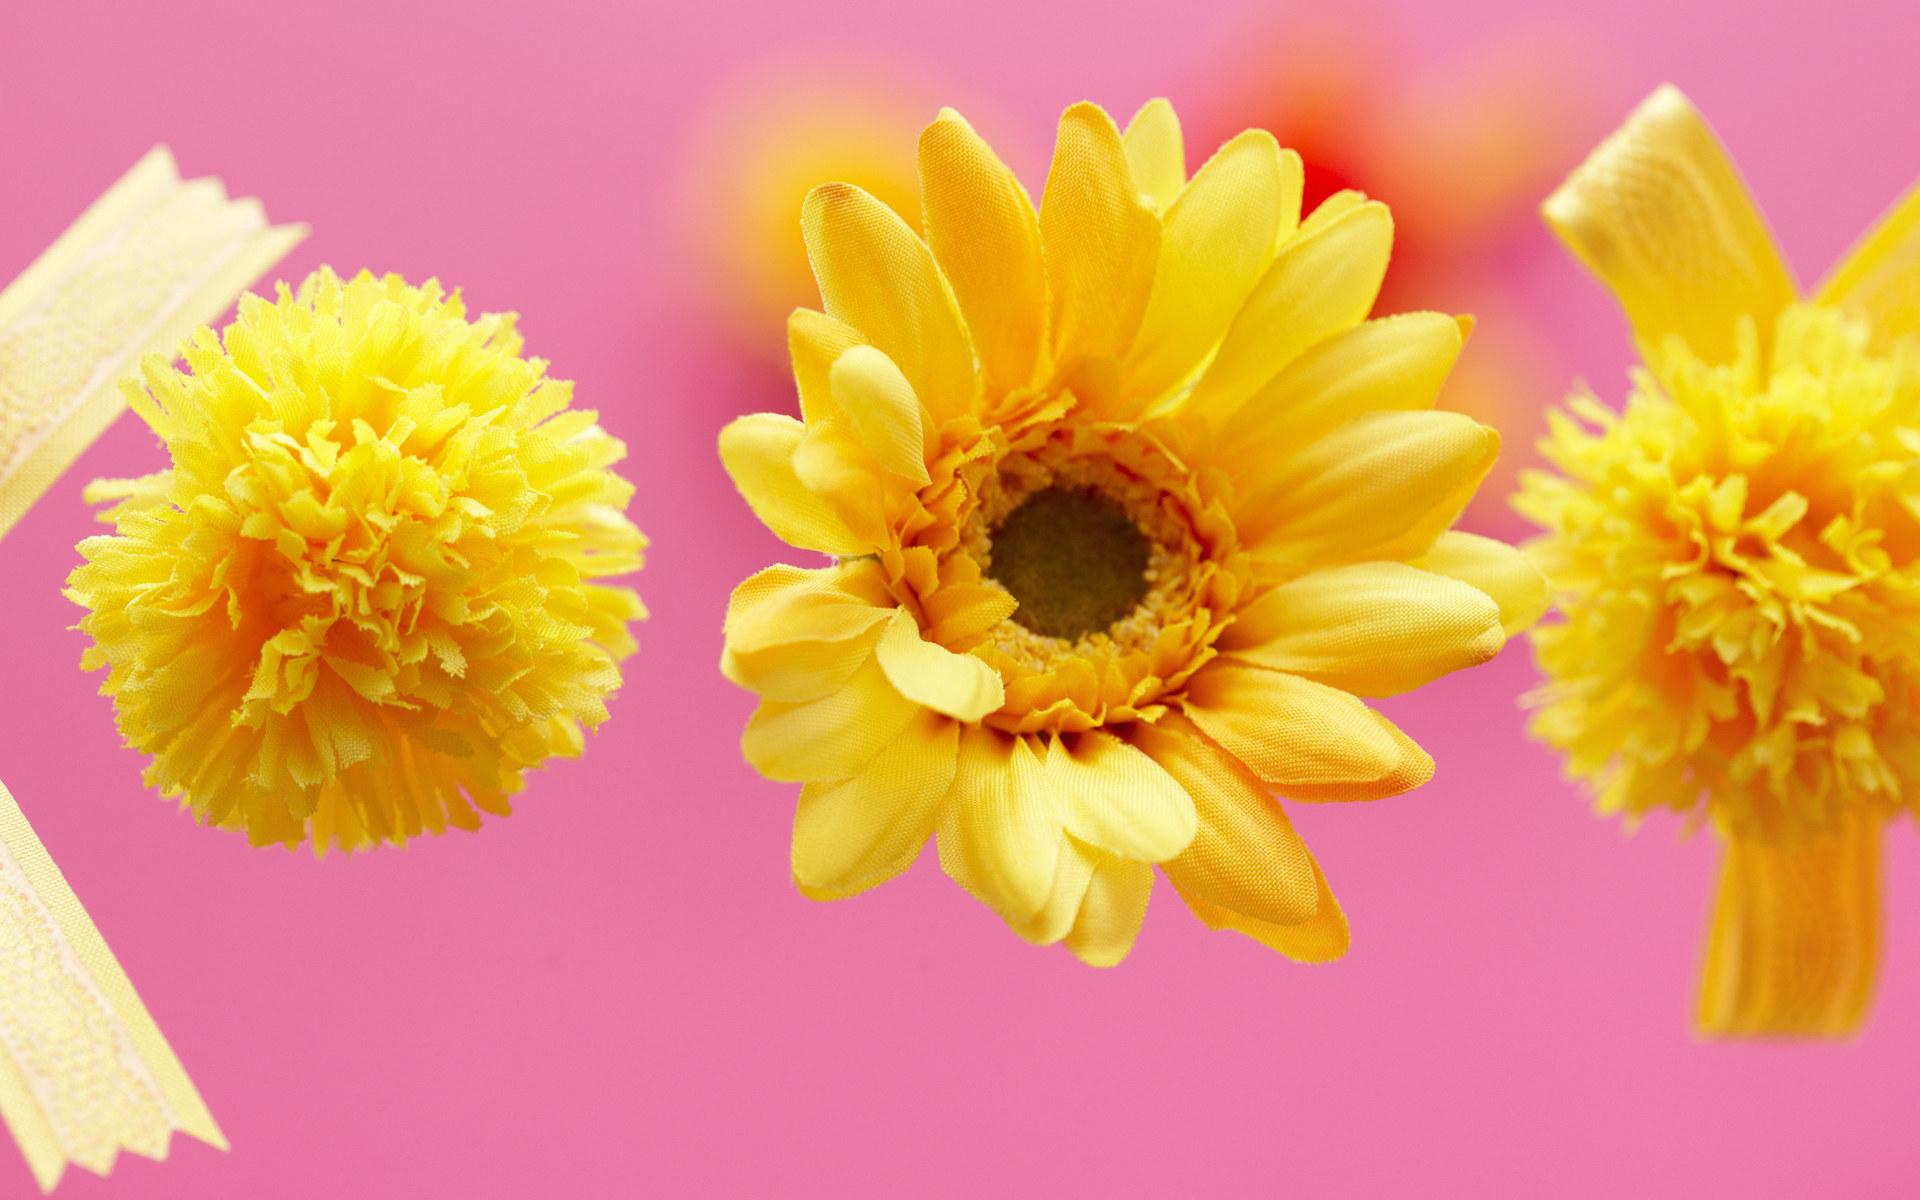 壁纸1920×1200室内装饰仿真花卉图片 1920 1200壁纸 温馨布艺仿真花卉壁纸壁纸图片花卉壁纸花卉图片素材桌面壁纸